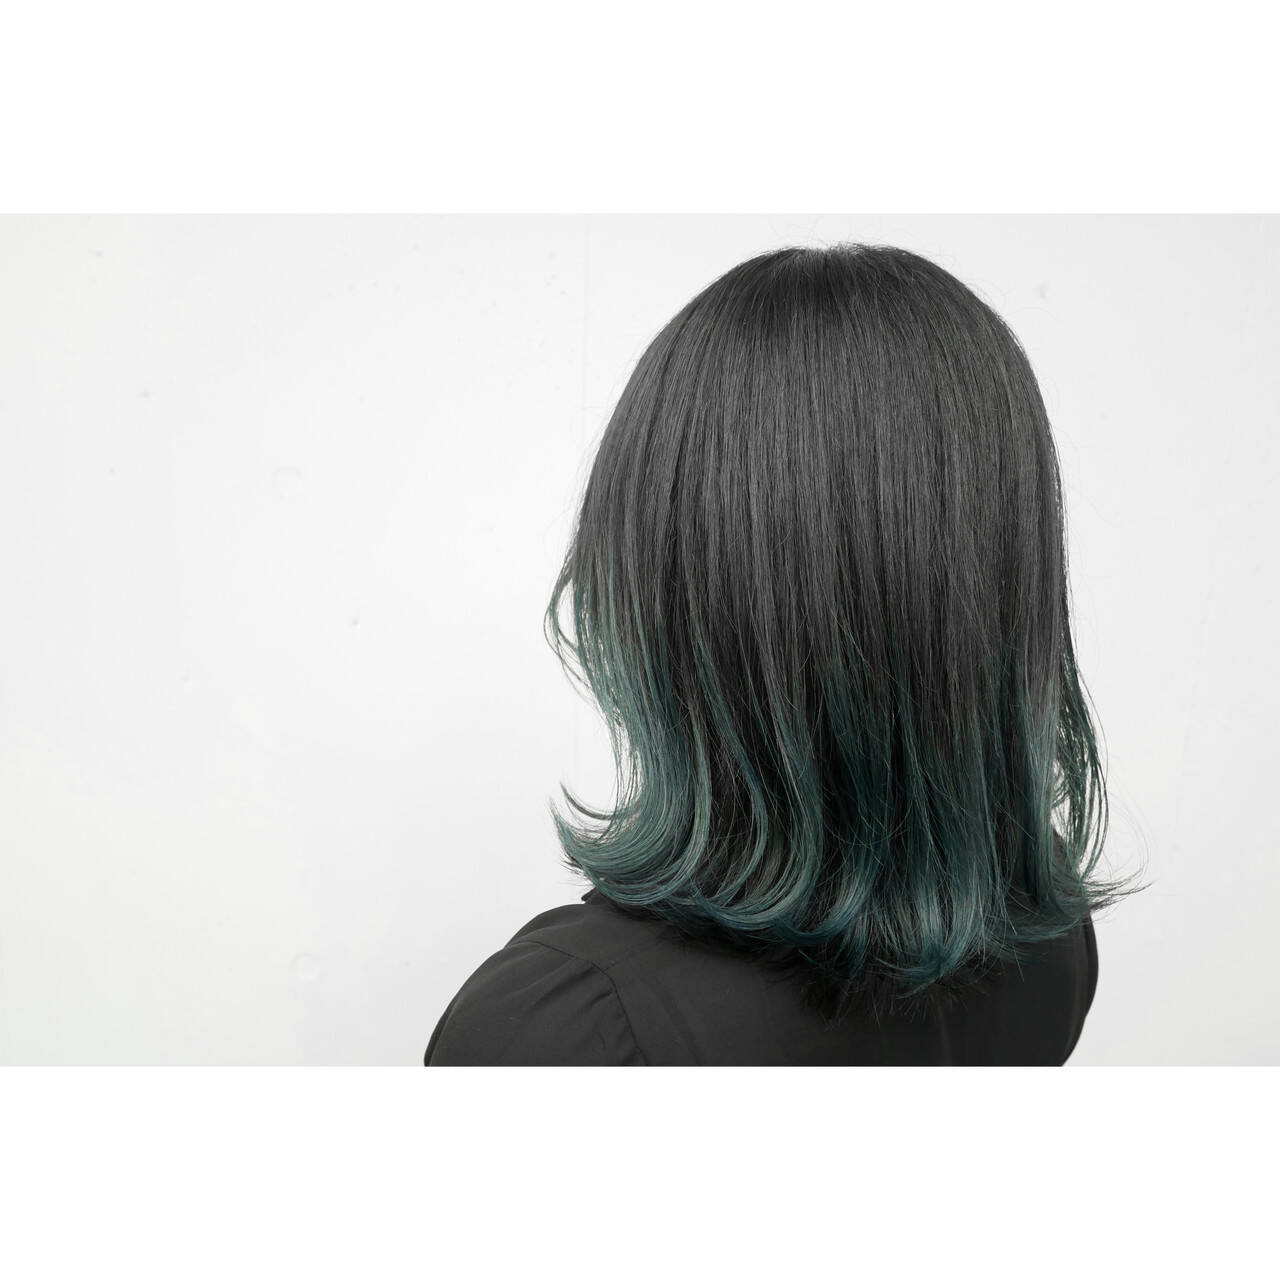 グラデーションカラー 外ハネボブ インナーグリーン 暗髪ヘアスタイルや髪型の写真・画像